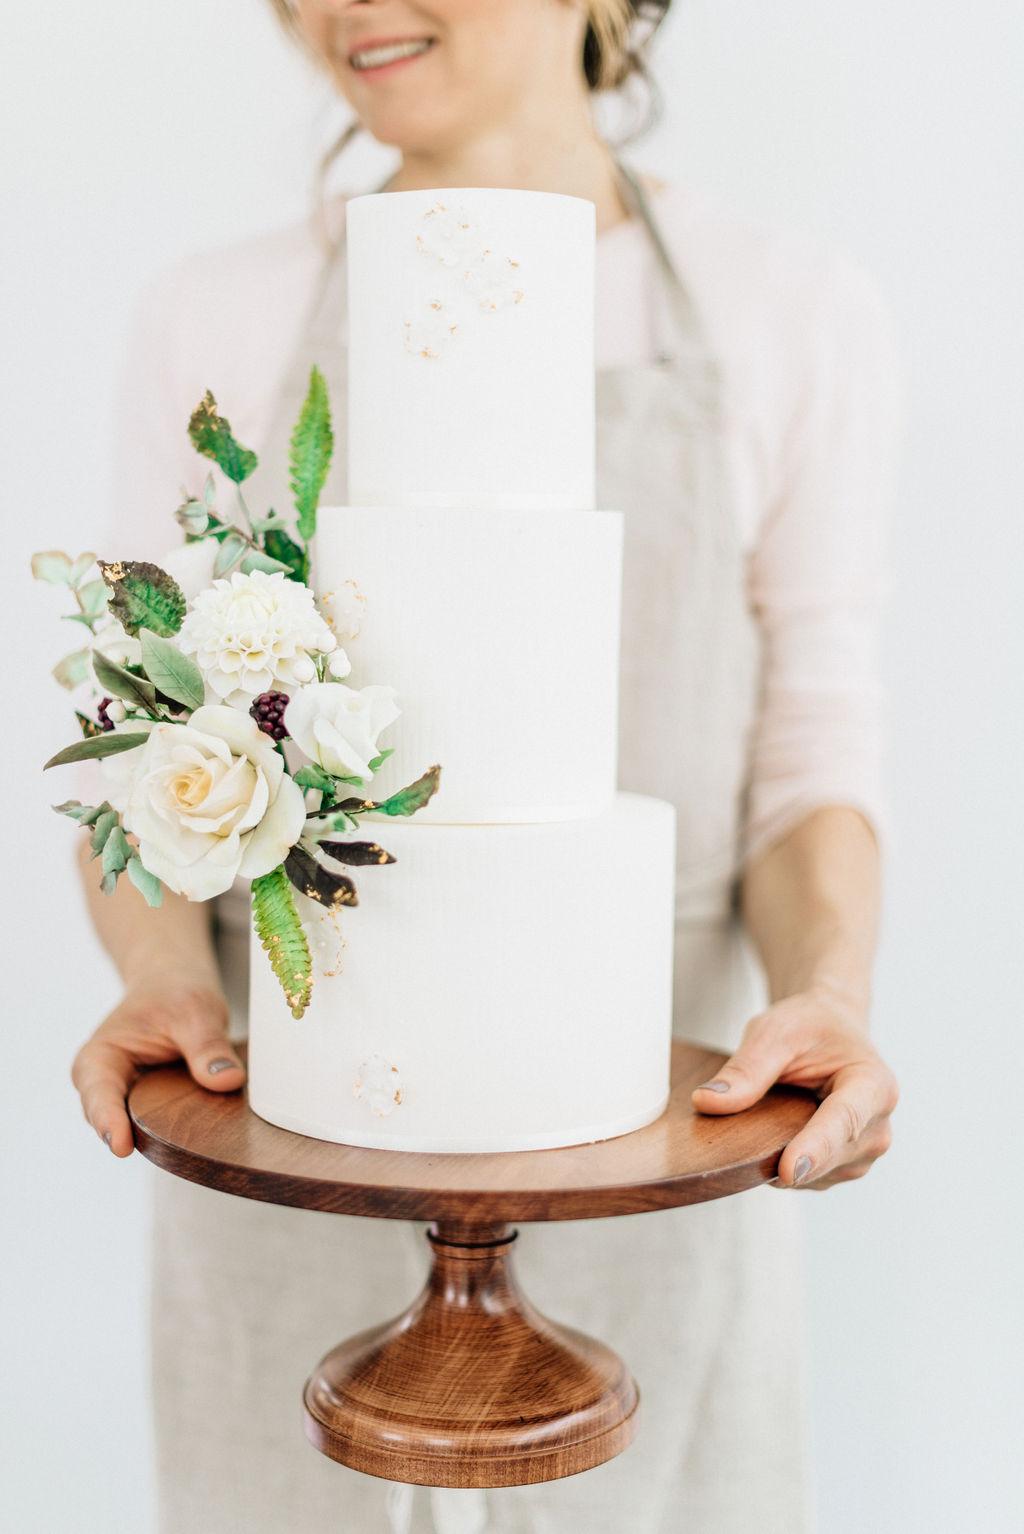 Suzanne Brady wedding cakes